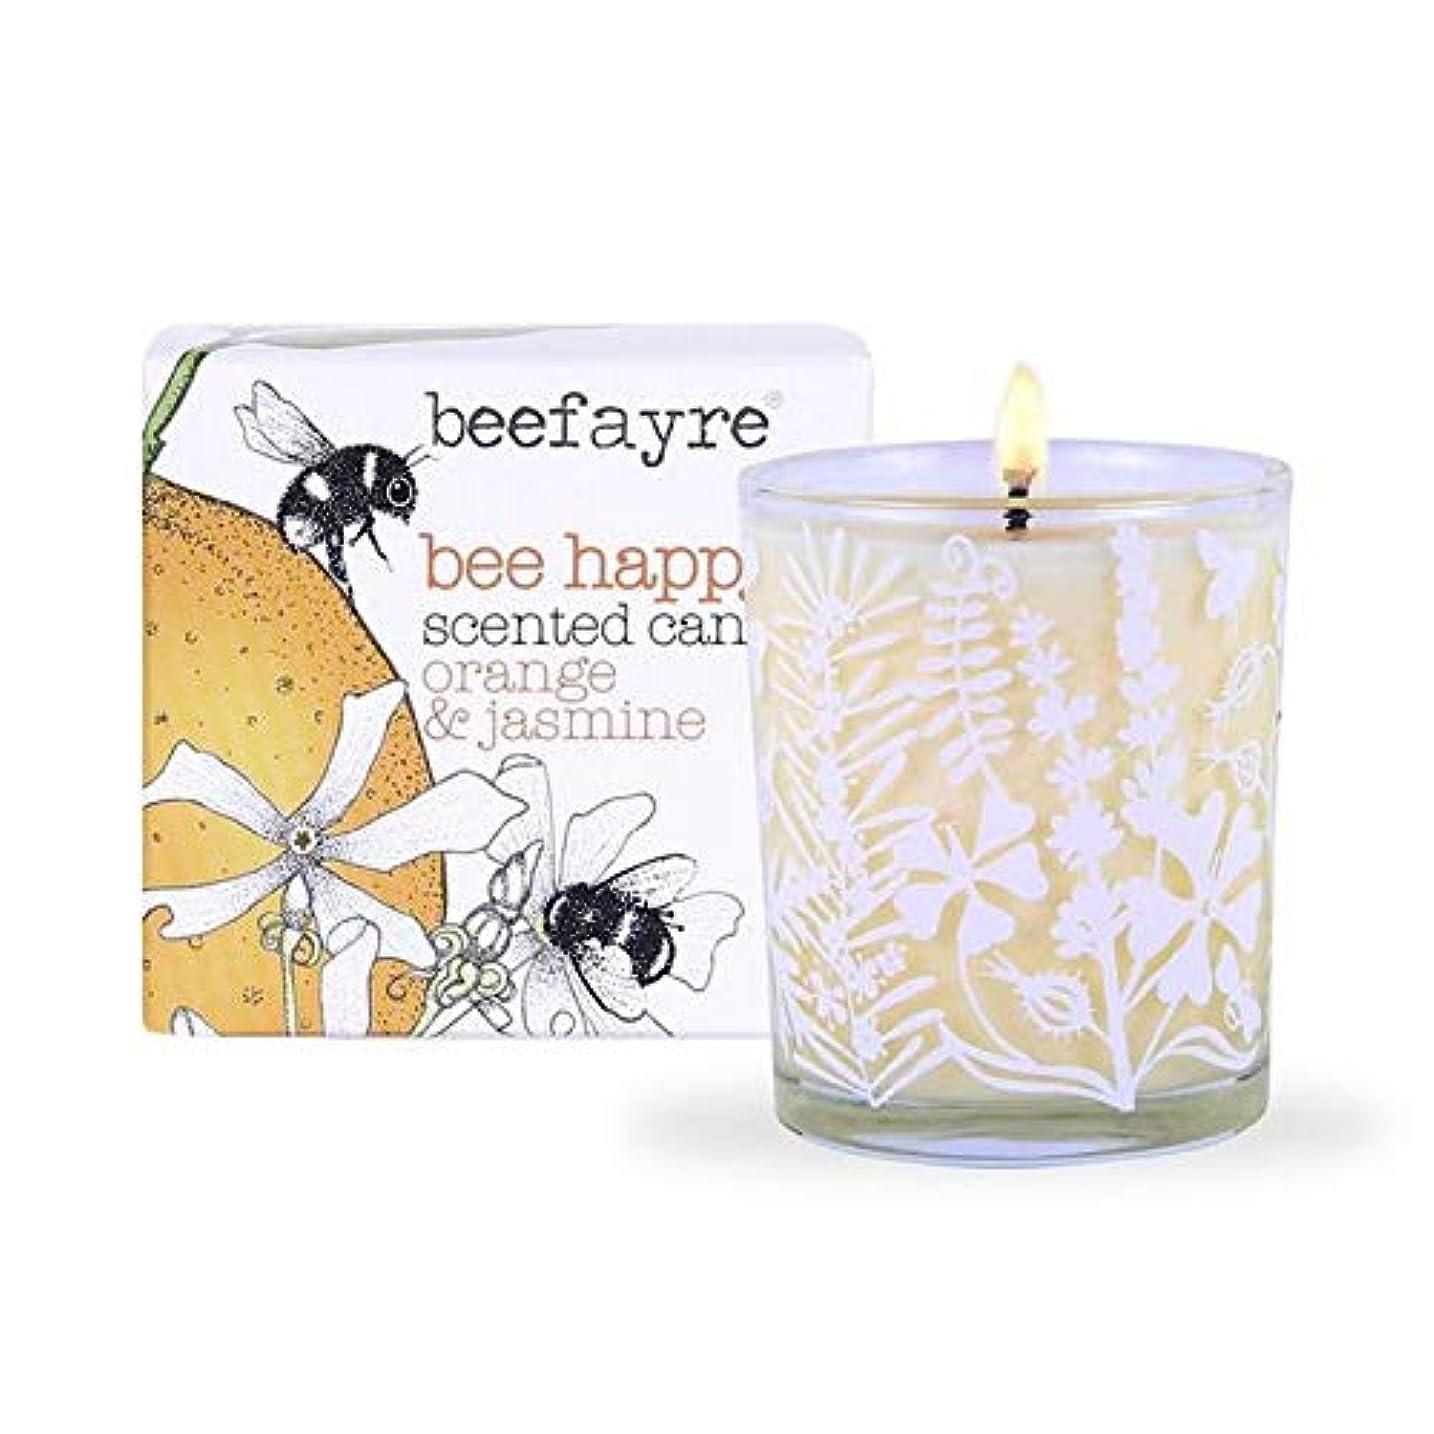 プログラム症状アイロニー[Beefayre] オレンジ&ジャスミンの香りのキャンドル9Cl Beefayre - Beefayre Orange & Jasmine Scented Candle 9cl [並行輸入品]